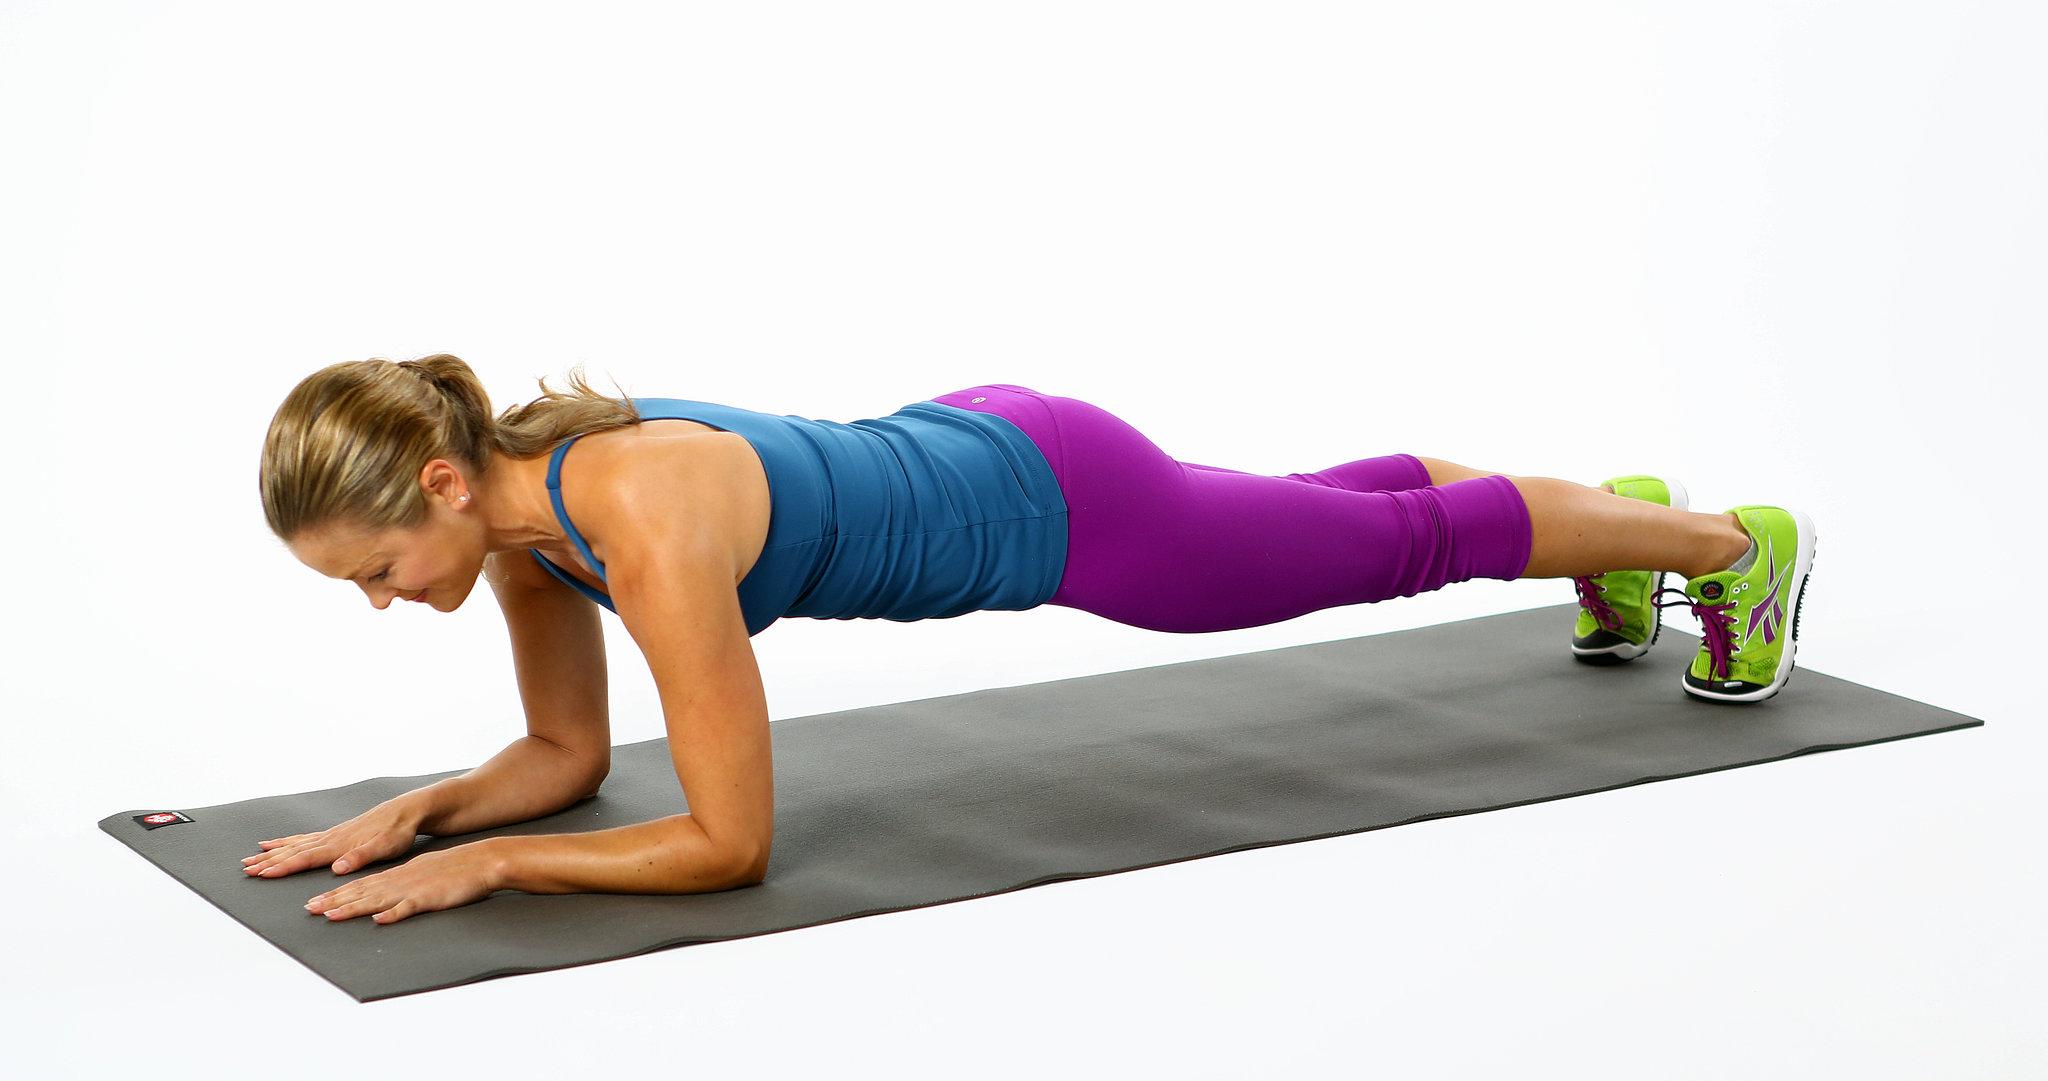 Plankelj mert az a legjobb testedzés